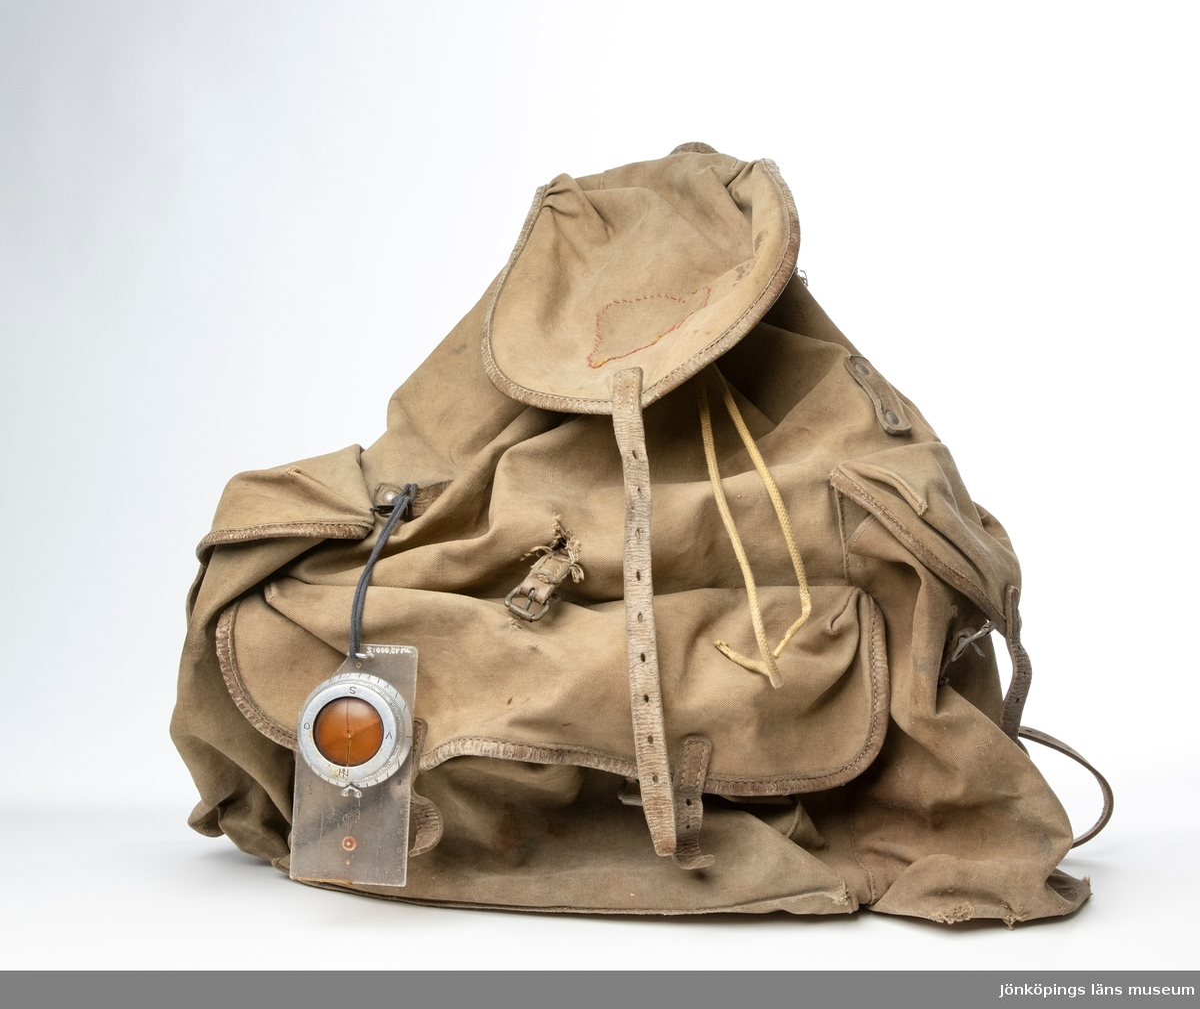 """Ryggsäck, modell Bergans Meis, bestående av triangelformad ram (mes), av metall, läderremmar och päronformad säck av kraftigt grå-brun bomullscanavas. Säcken har en stående ficka på var sida och en liggande nertill. Ryggsäcken är märkt: """"BERGANS MEIS OG RYGGSÆK SVERRE YOUNG PATENT WITHOUT WITH MADE IN OSLO. NORWAY"""". Säckens öppning är upptill under en lucka, och öppnas och tillsluts med hjälp av ett bomullssnöre samt ett lås av plast. Låset är märkt: """"Bergans OSLO NORWAY Patent Snorlås"""". Under firmamärkningen upptill är skrivet upp och ner: """"Gränsö"""". På undersidan av en av bärremmarna är skrivet namnet: """"Karl-Gustaf Fast. J.K.P.G.""""."""